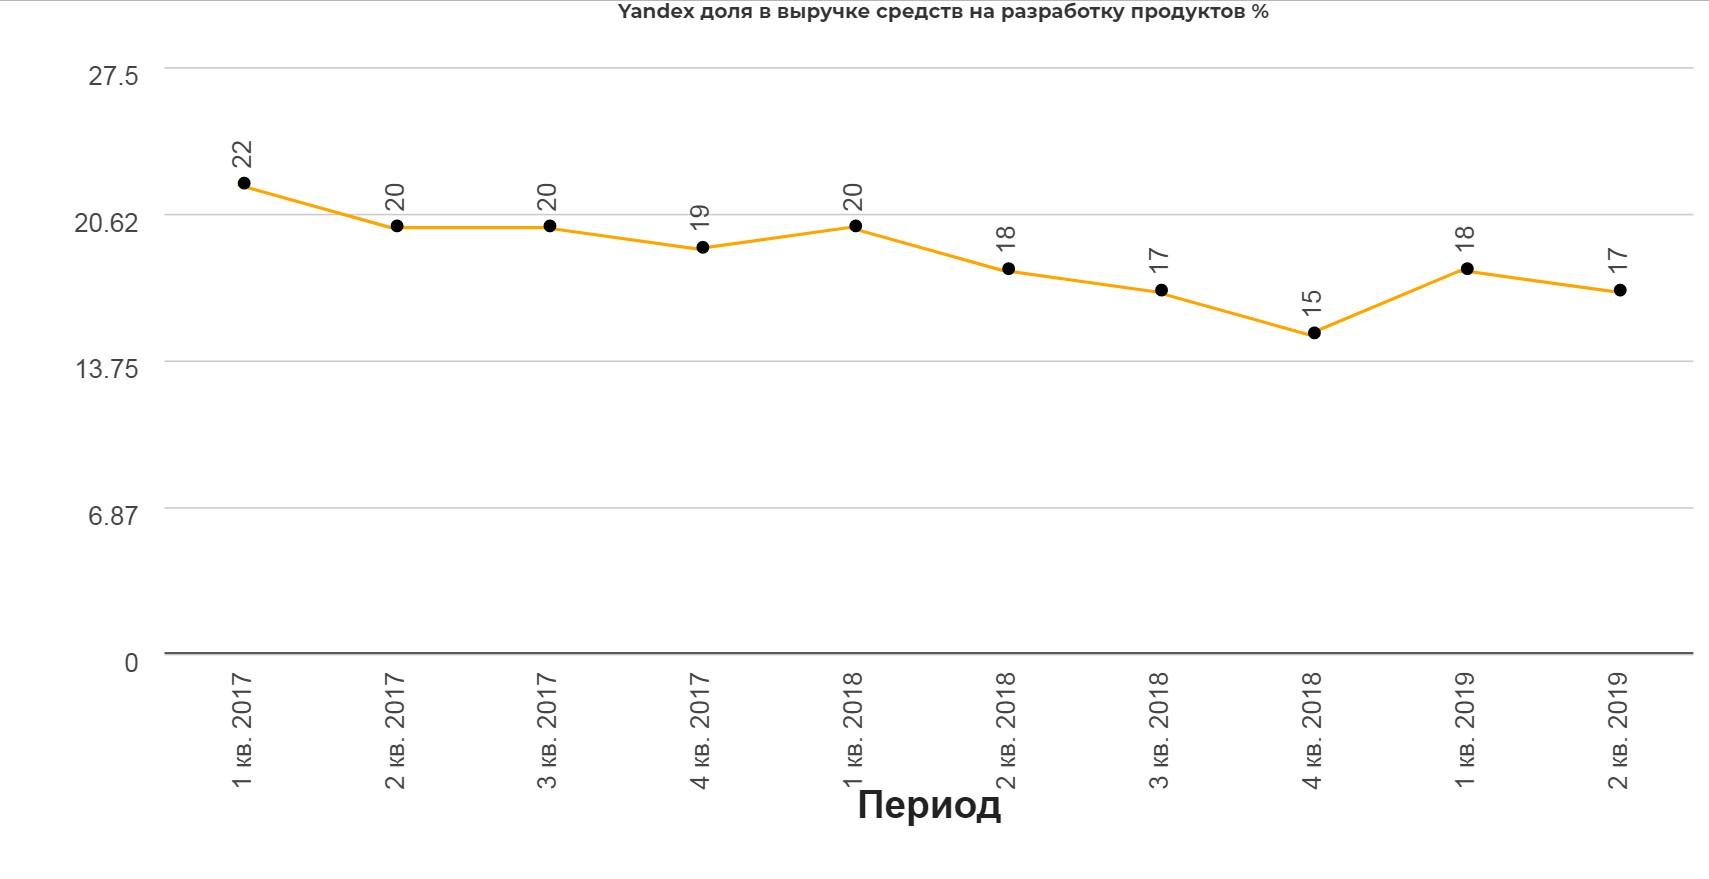 Yandex 2 кв 2019. Прорыв под прессом законодательных инициатив. Как инициативы снизу, мочат компании сверху.